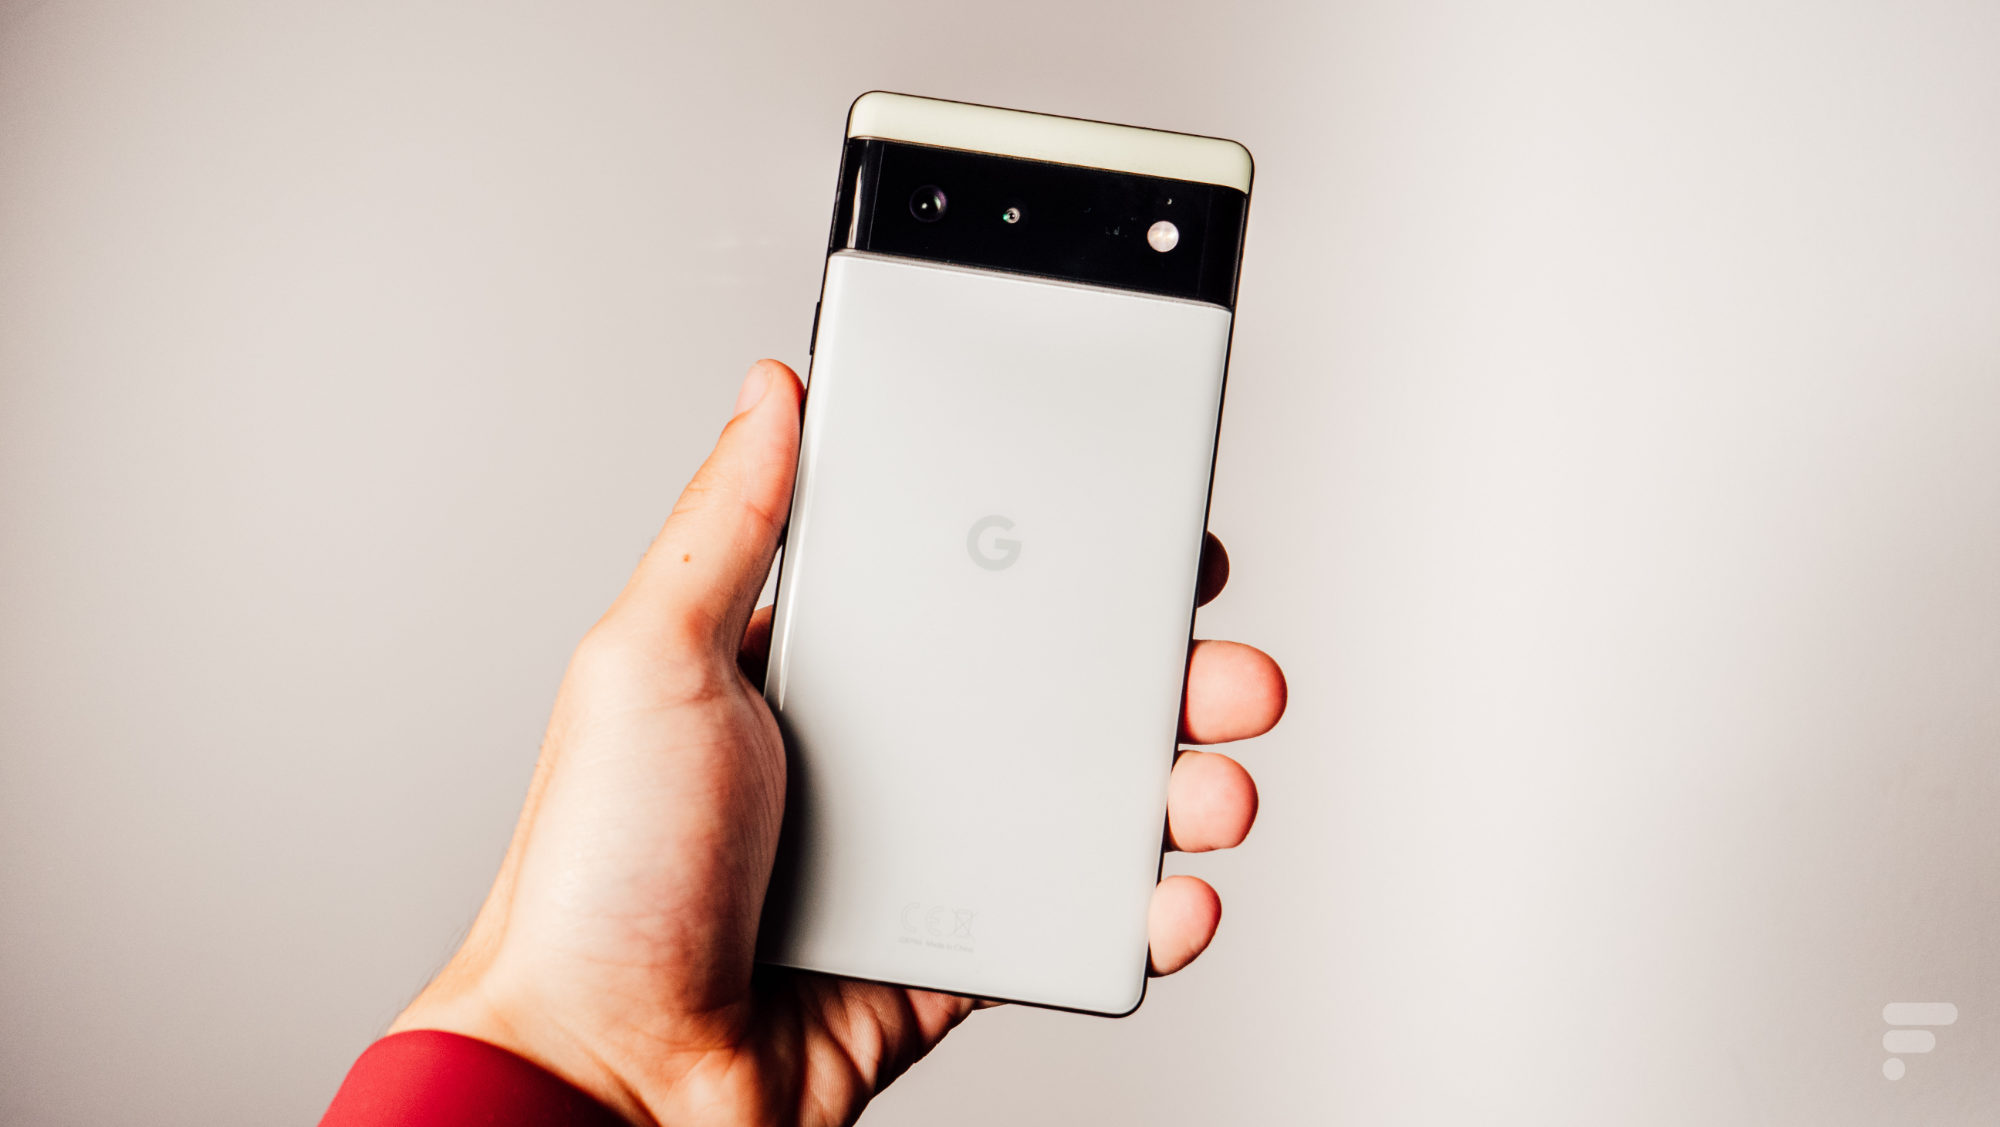 Le très bon Google Pixel 6 est déjà disponible chez SFR à 29 € (+8 €/mois pendant 24 mois)